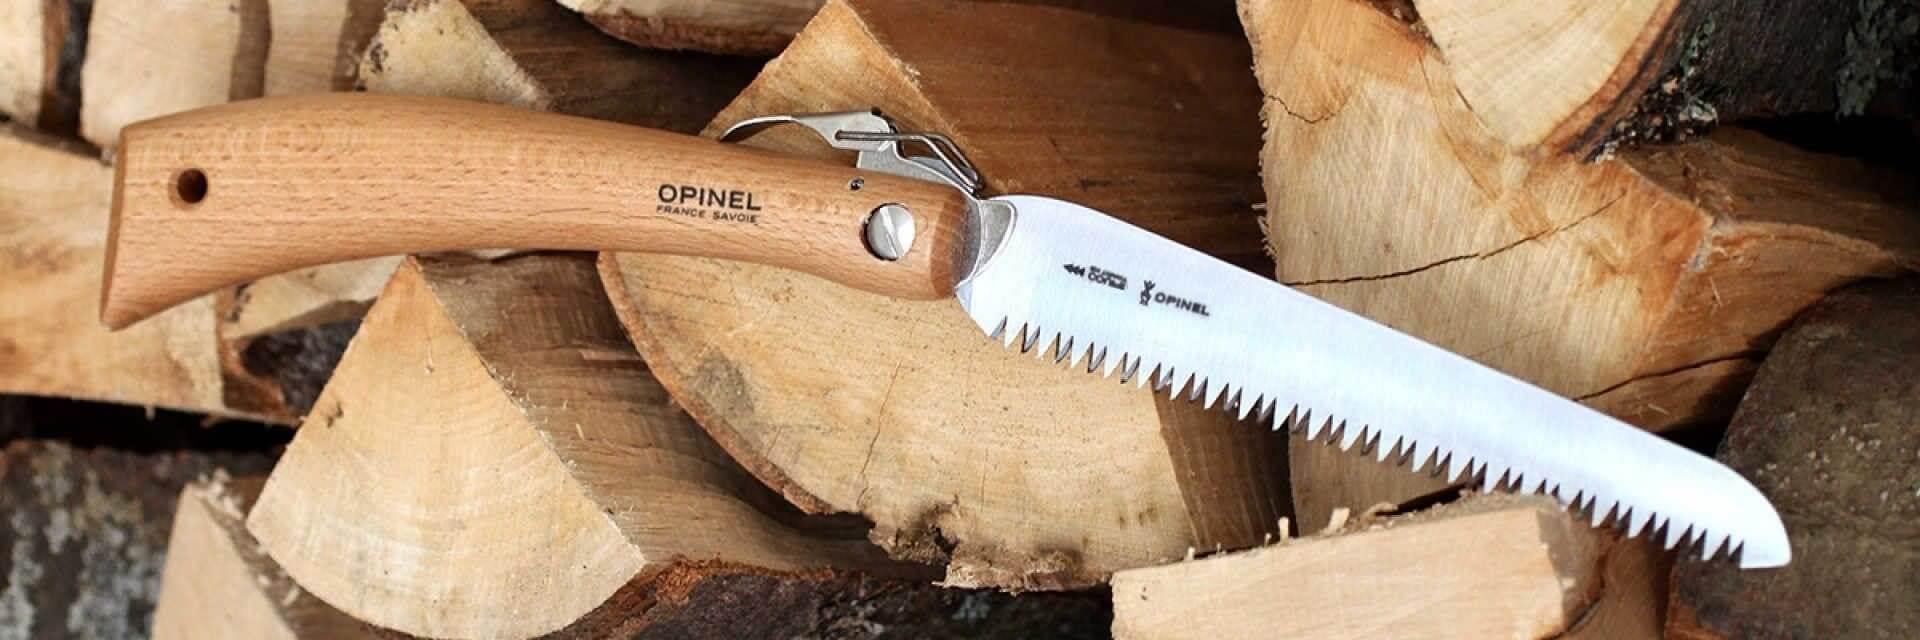 Ручные ножовки складного типа идеально подходят для простых плотницких и столярных работ